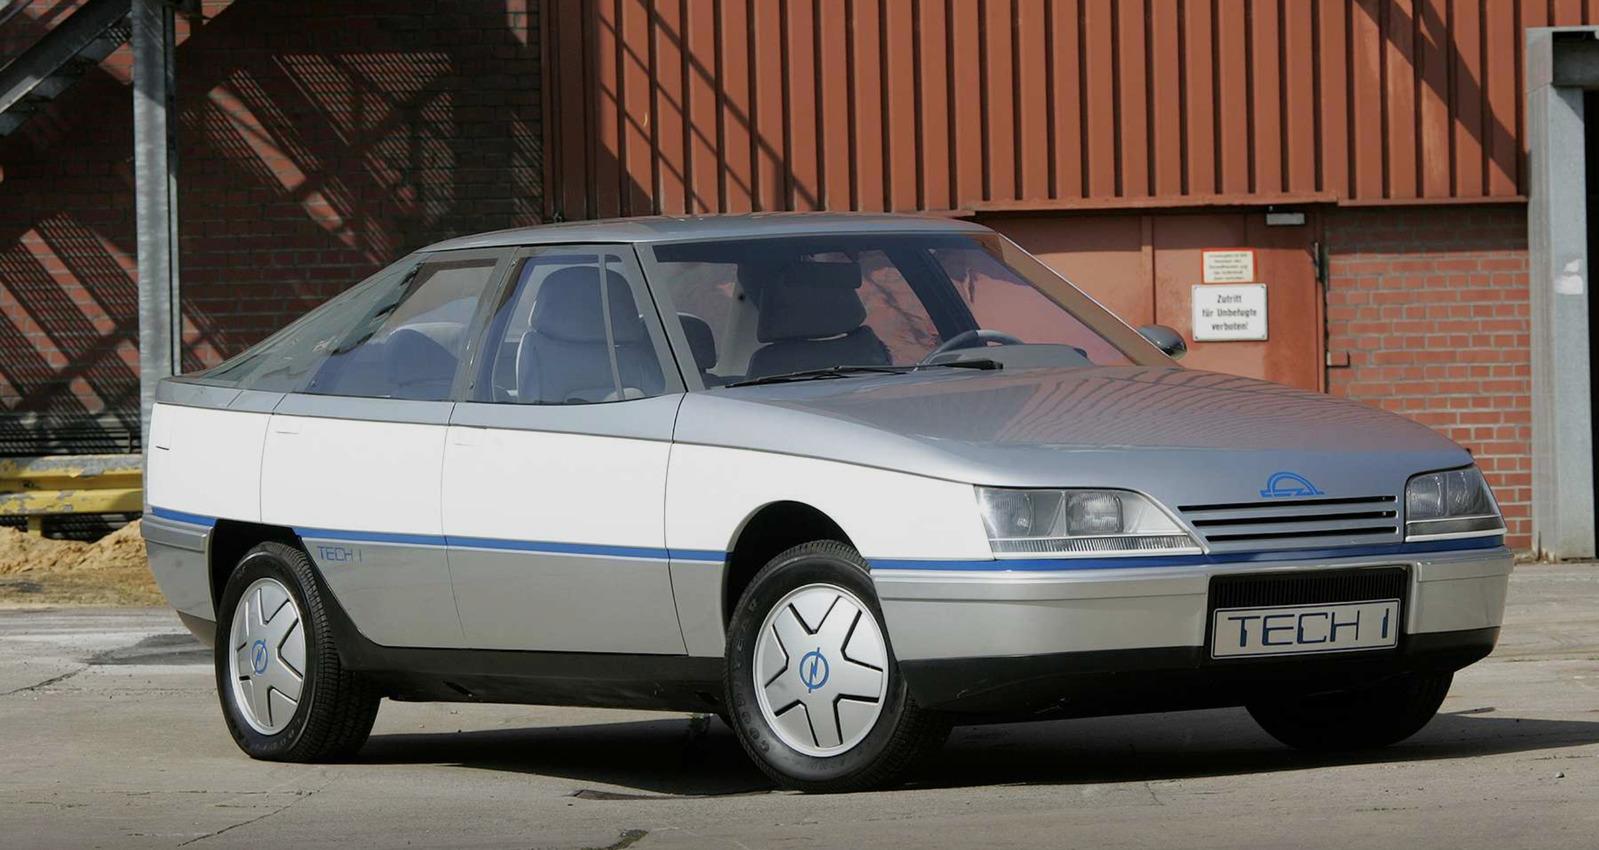 Opel Tech 1 (1)